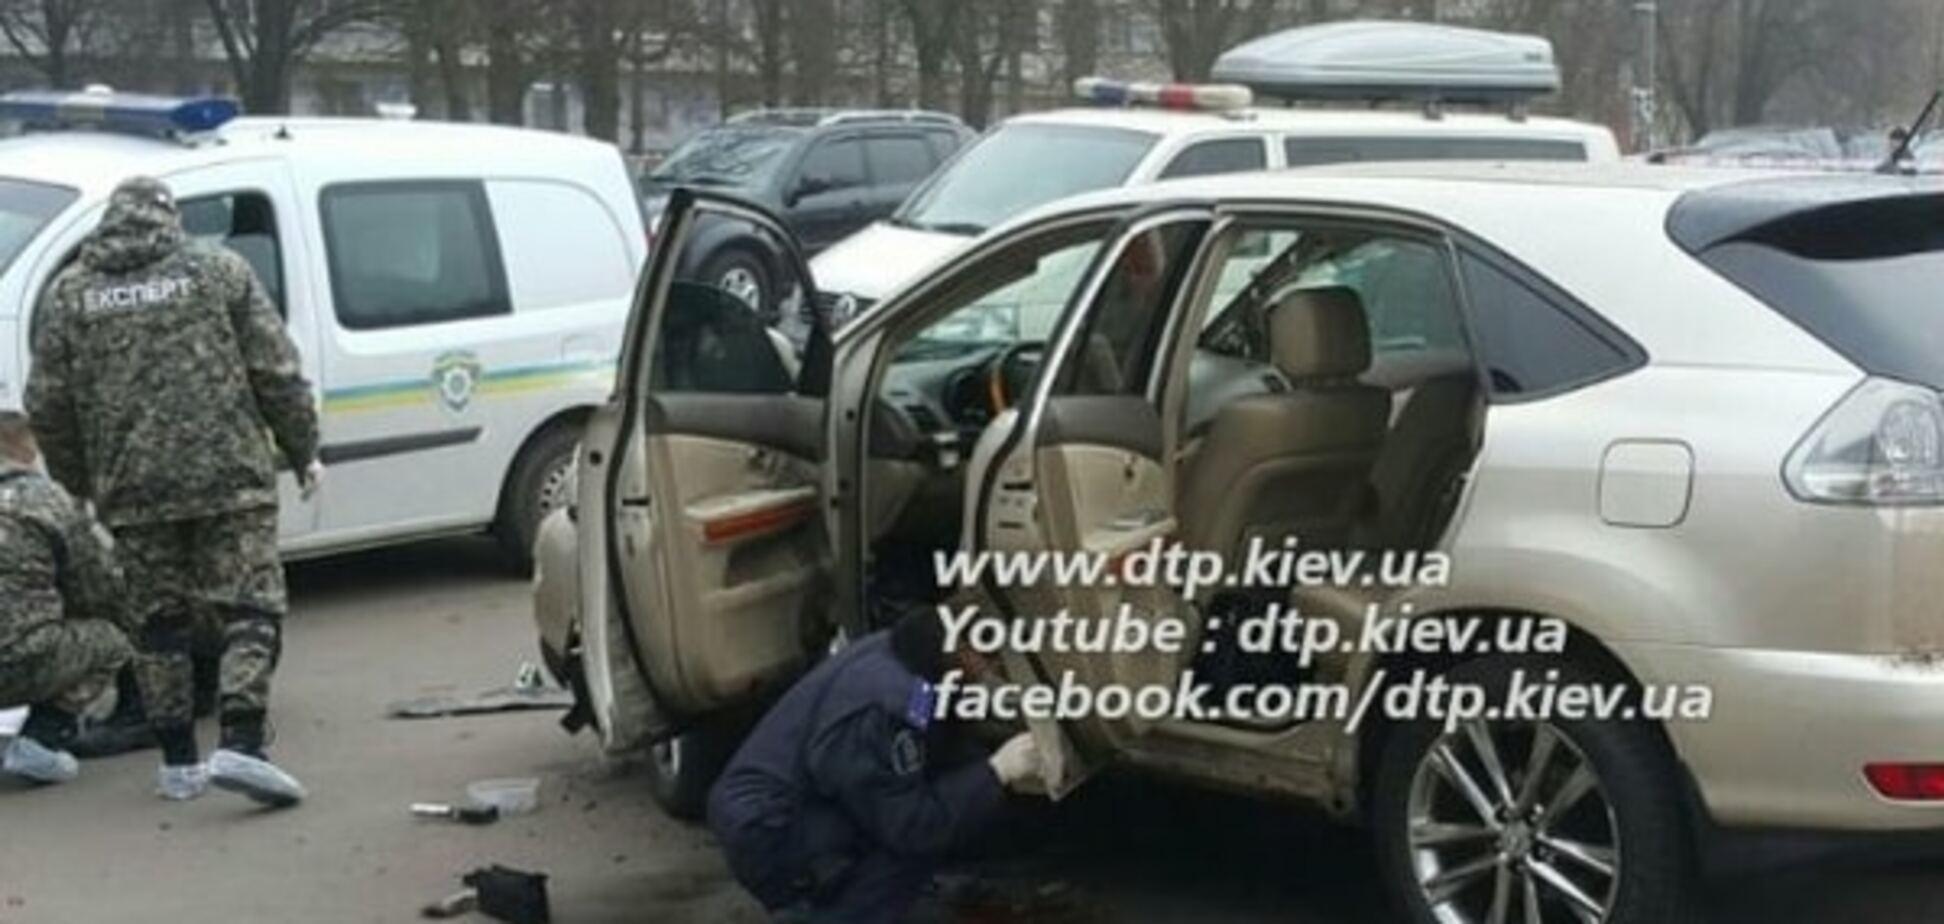 В Киеве произошел взрыв: есть пострадавшие